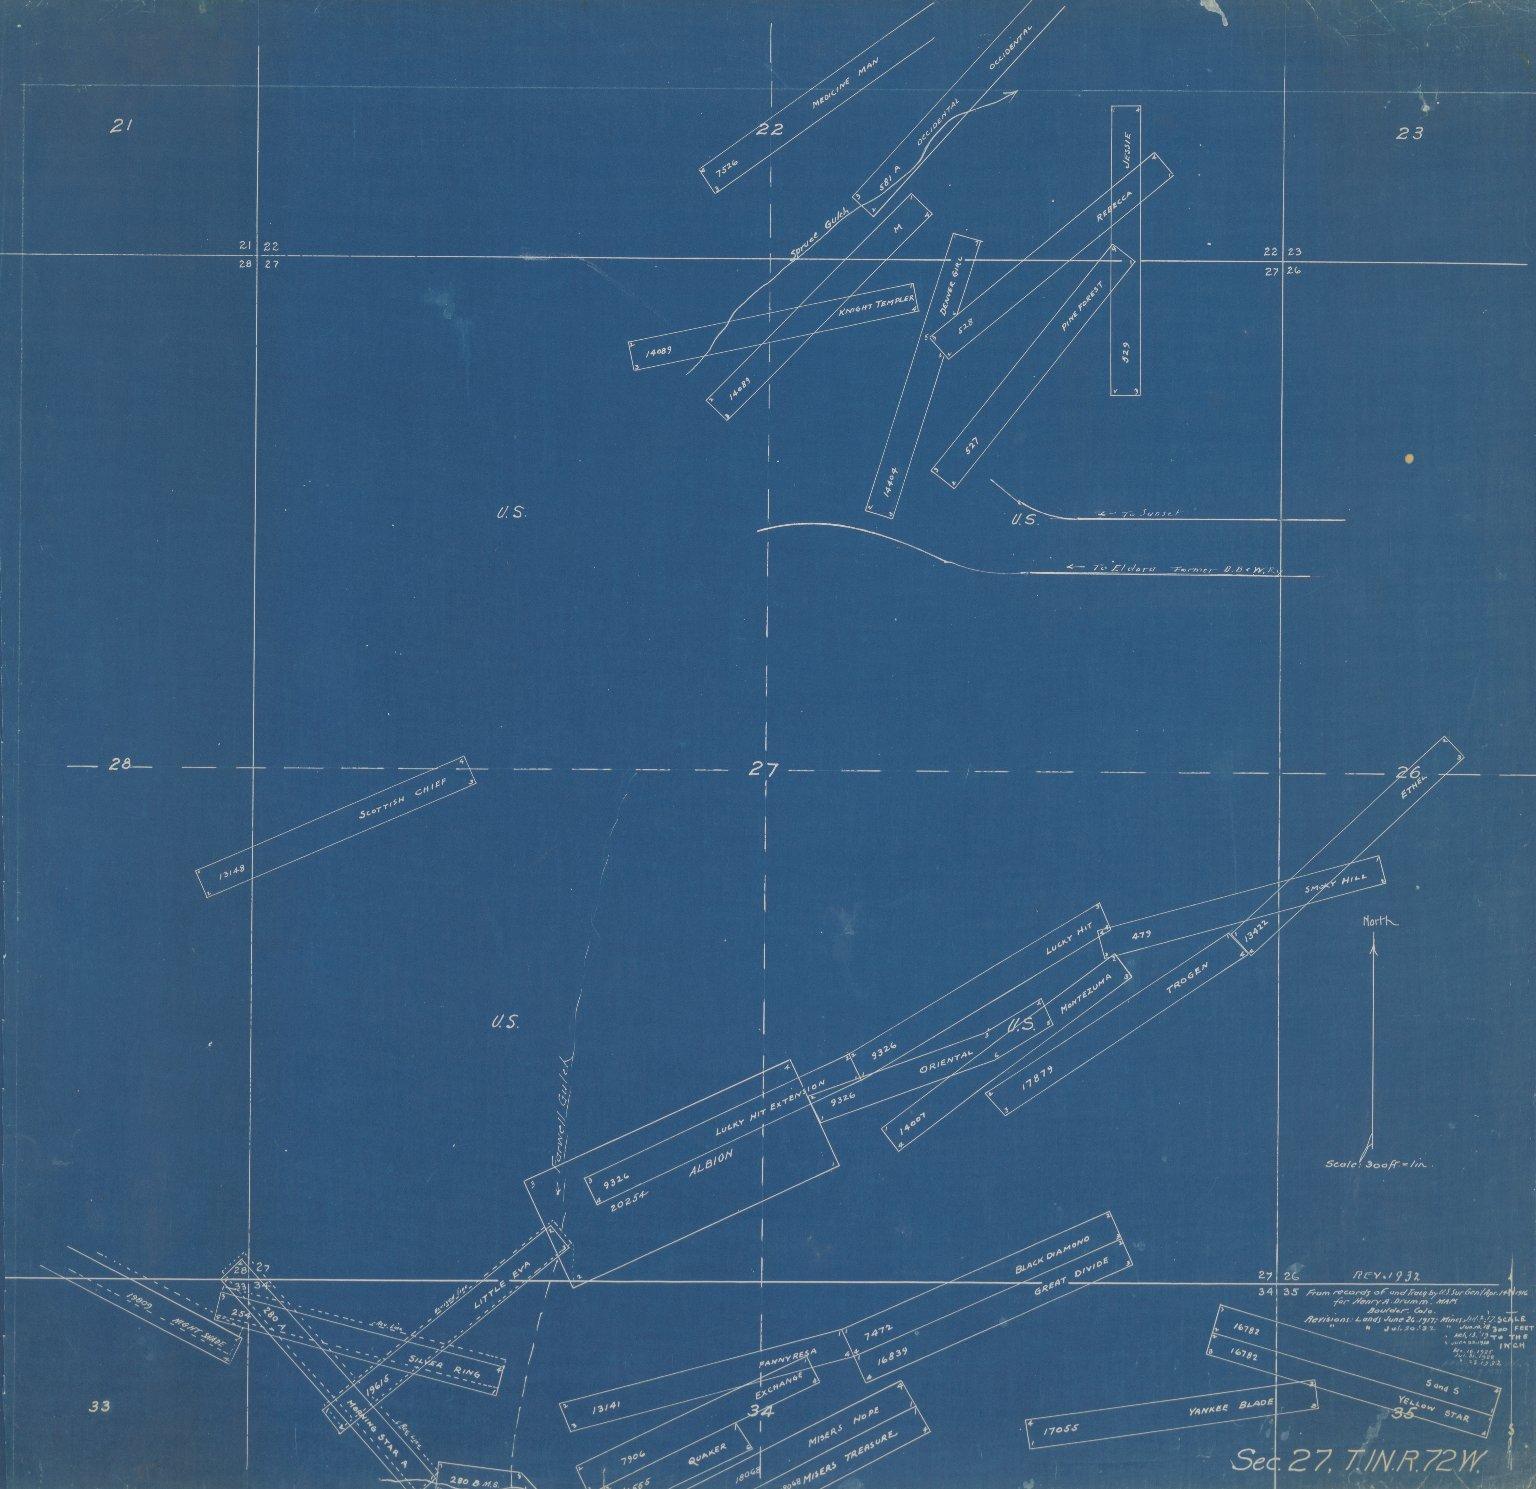 Map of Sec.27, T.1N.R.72W.